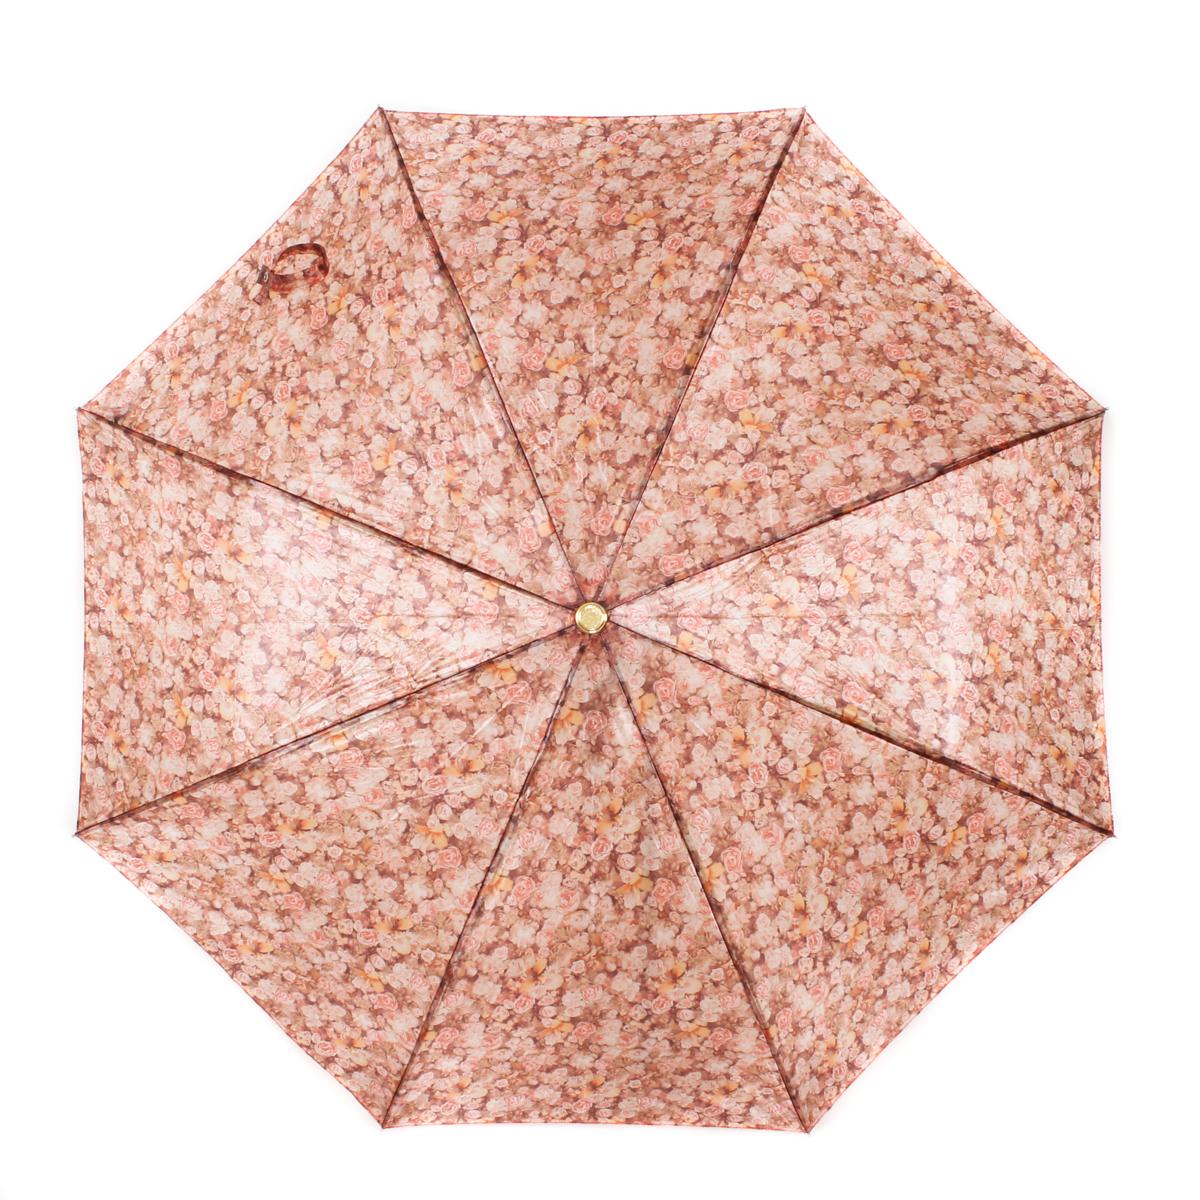 Зонт Stilla 711/2711/3 miniЗонт женский выполнен из высококачественных материалов и сплавов. Модный и стильный, станет великолепным аксессуаром и защитит свою хозяйку от непогоды.